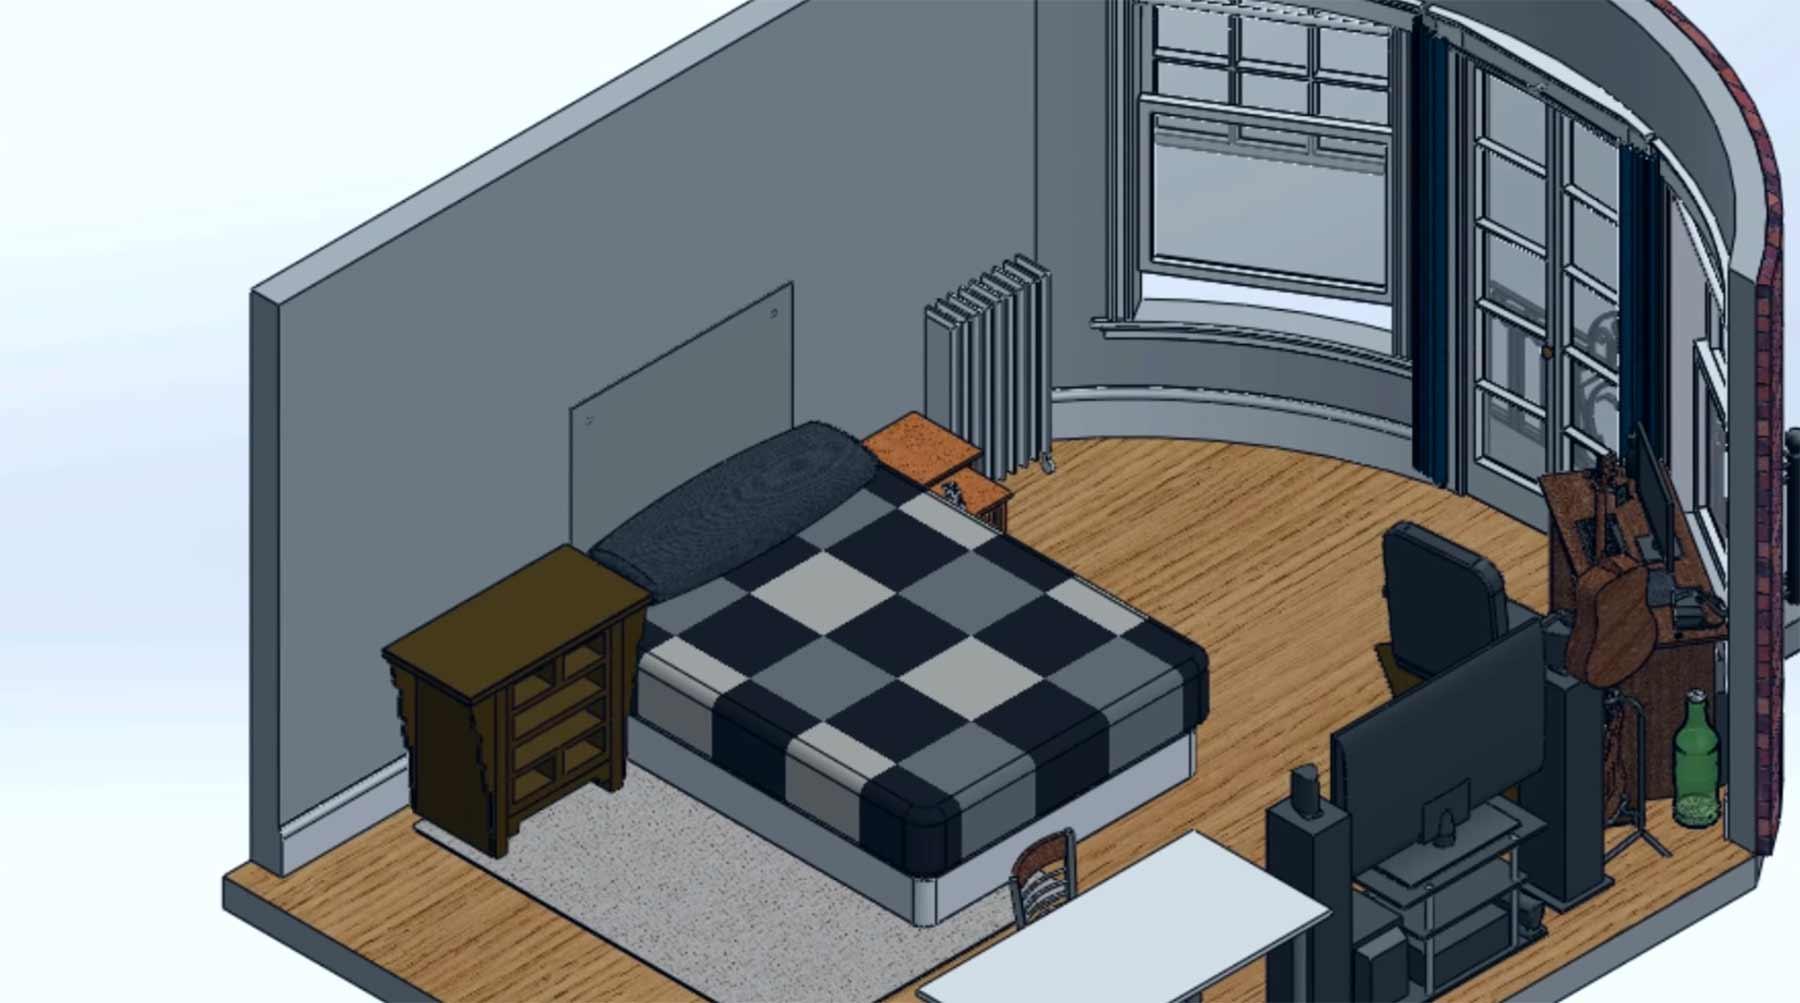 Einfach mal sein komplettes Zimmer in 3D nachstellen